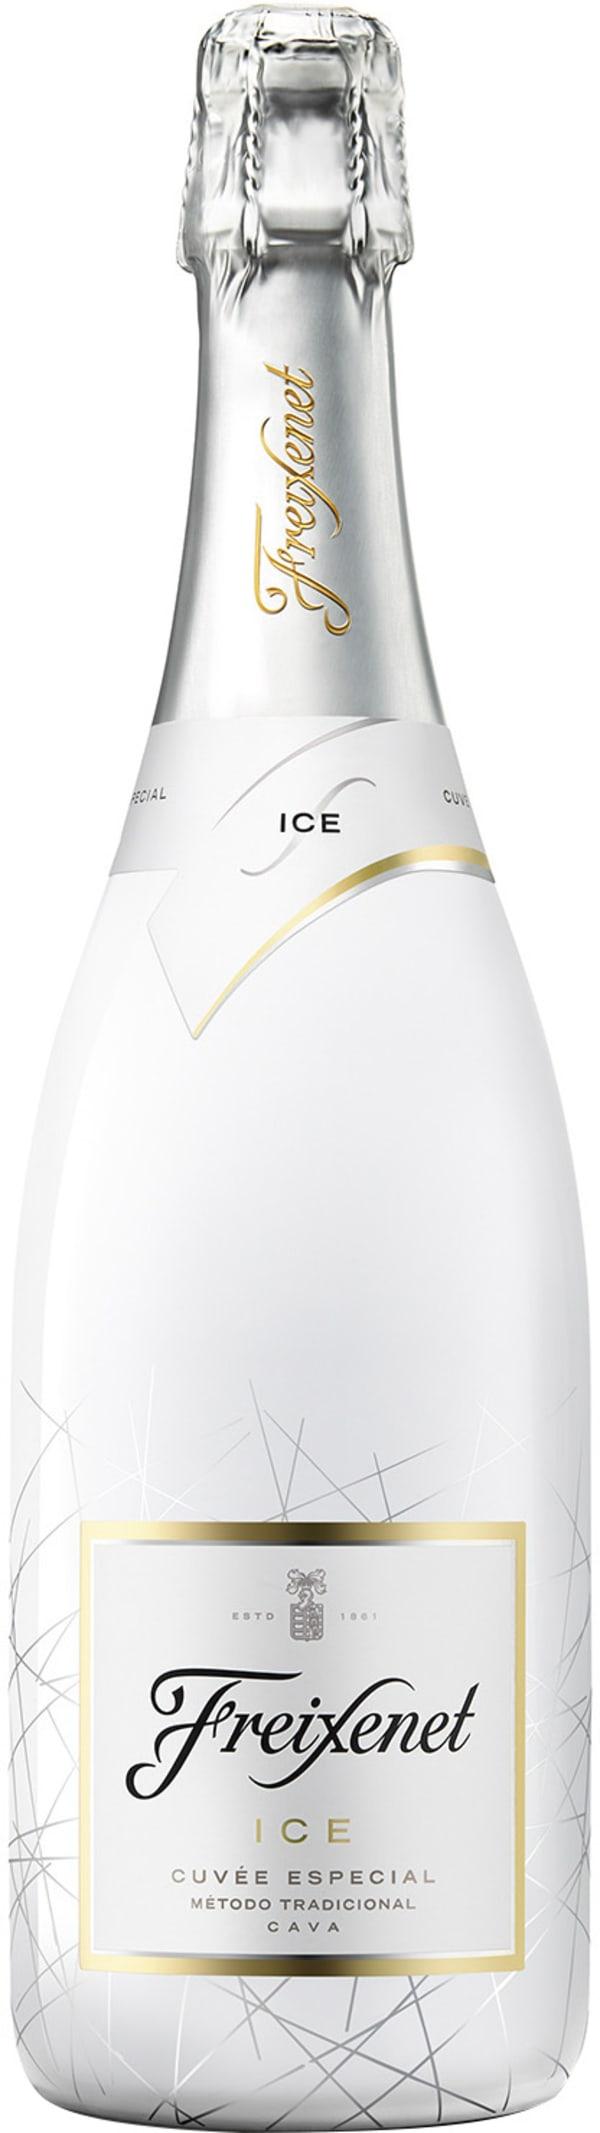 Freixenet Ice Cuvée Especial Cava Semi Seco